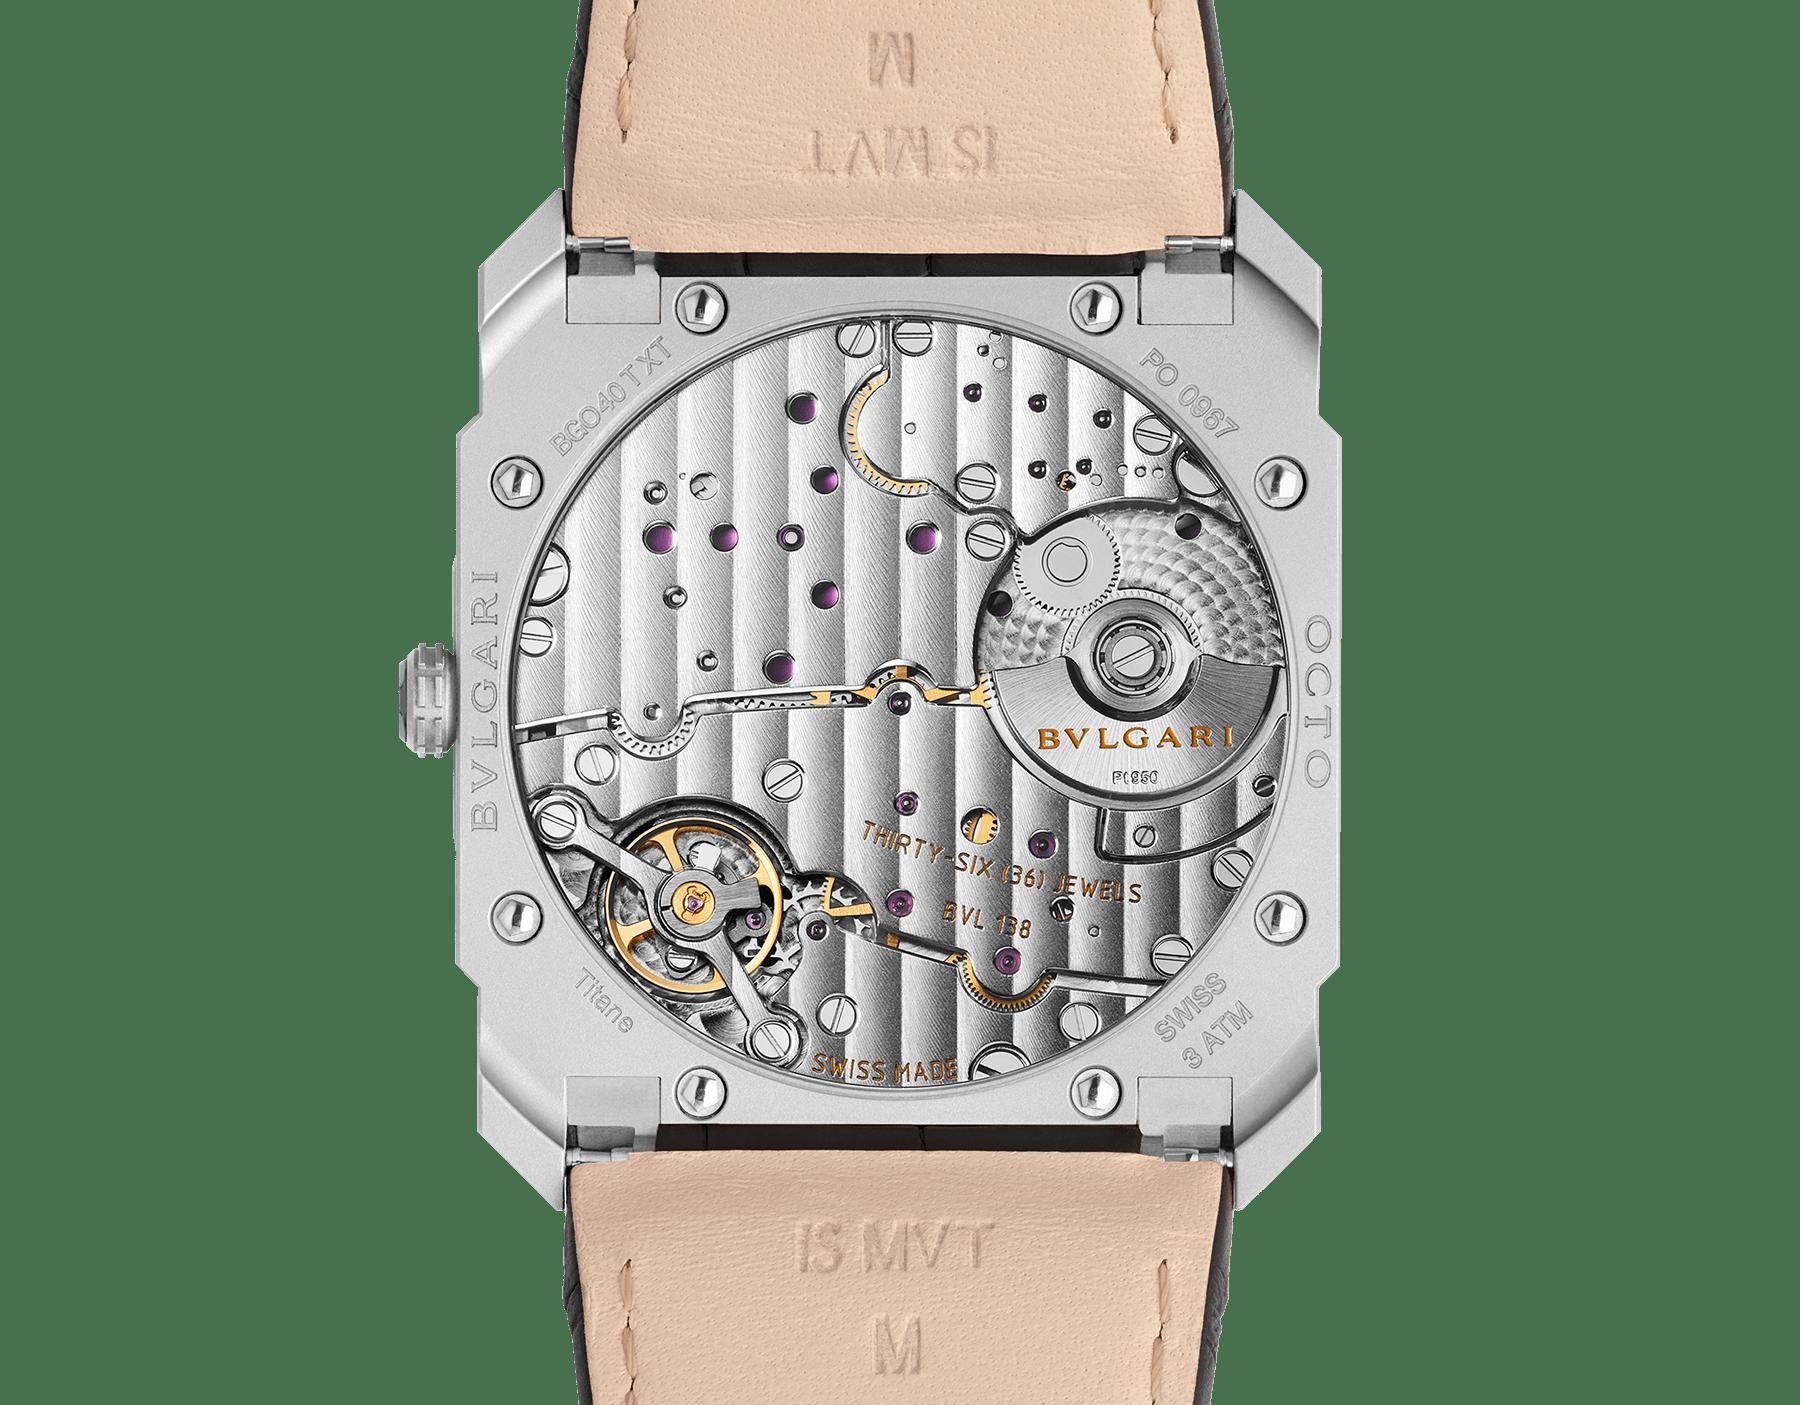 Часы Octo Finissimo Automatic, мануфактурный механизм с автоматическим заводом, микроротор из платины, малая секундная стрелка, ультратонкий корпус из нержавеющей стали, циферблат из нержавеющей стали, черный ремешок из кожи аллигатора 103035 image 4